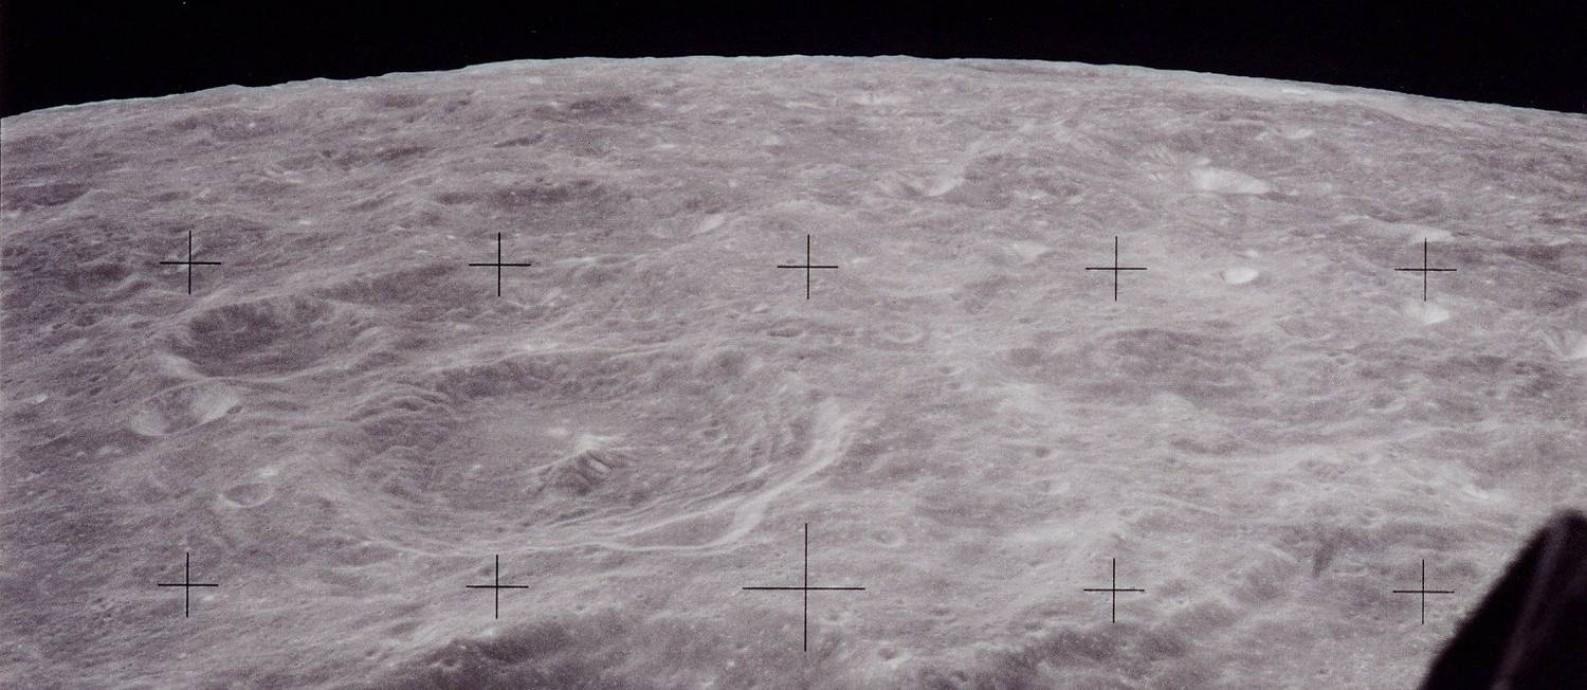 A Lua vista pela janela do comandante Neil Armstrong no módulo lunar da Apollo 11, na véspera do pouso: diálogos revelam encantamento e muito trabalho nos preparativos Foto: Nasa / Nasa